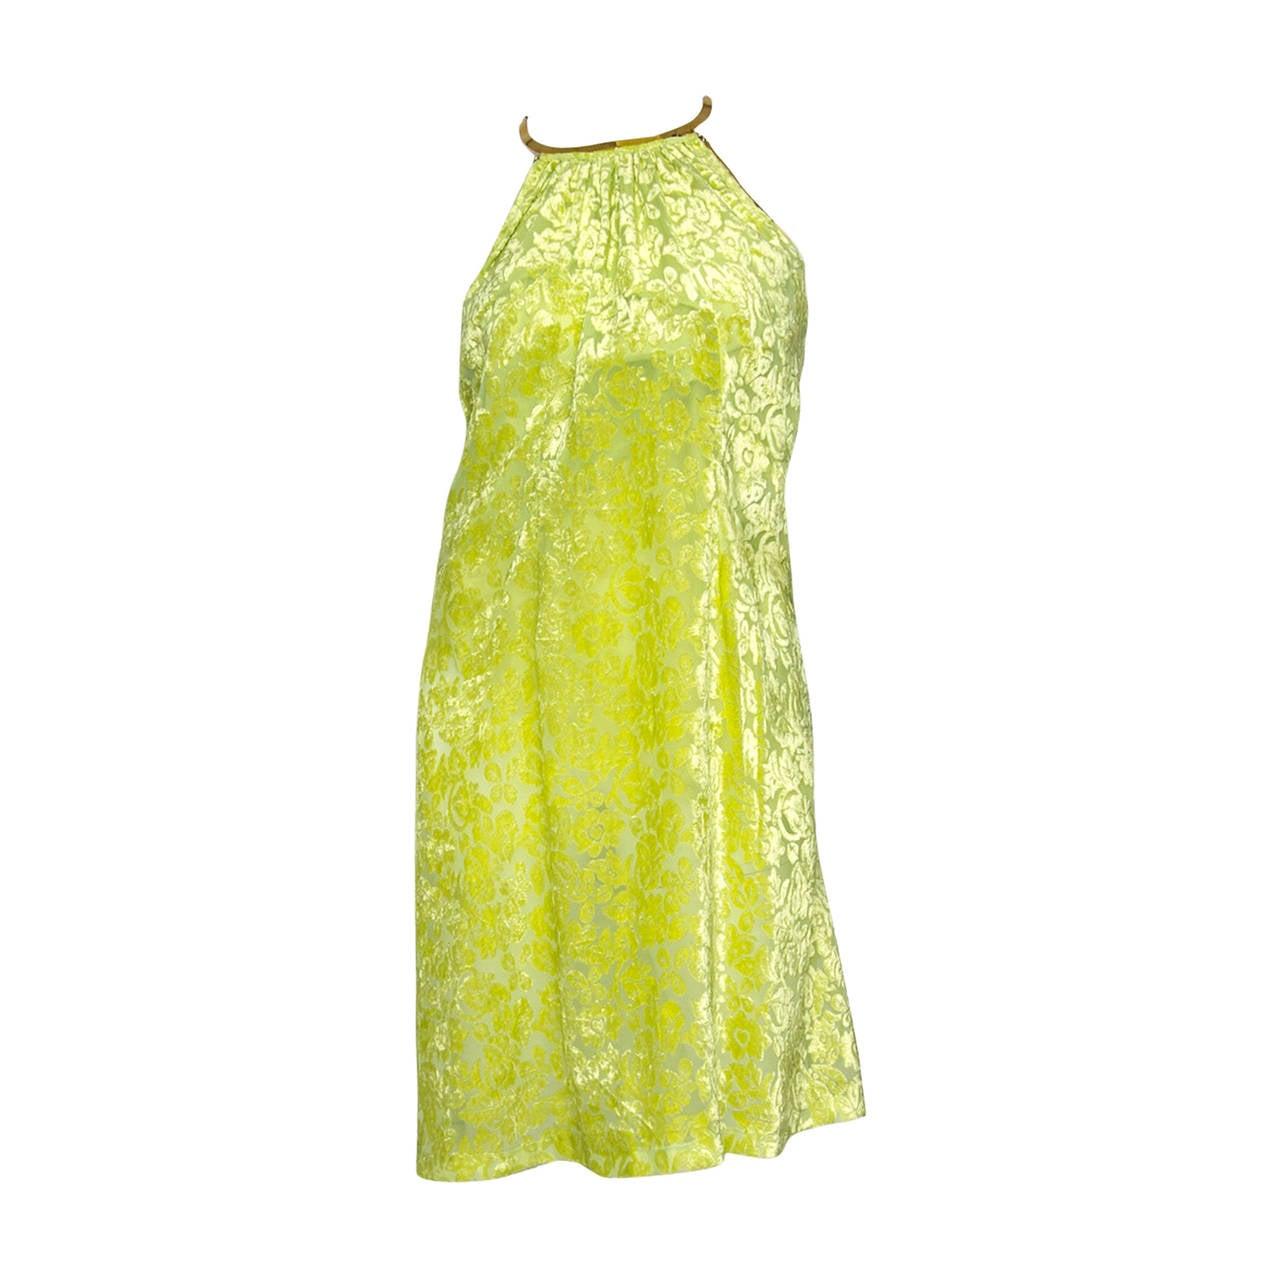 Stunning 1960s Green Burned Velvet Dress W Gold Hardware